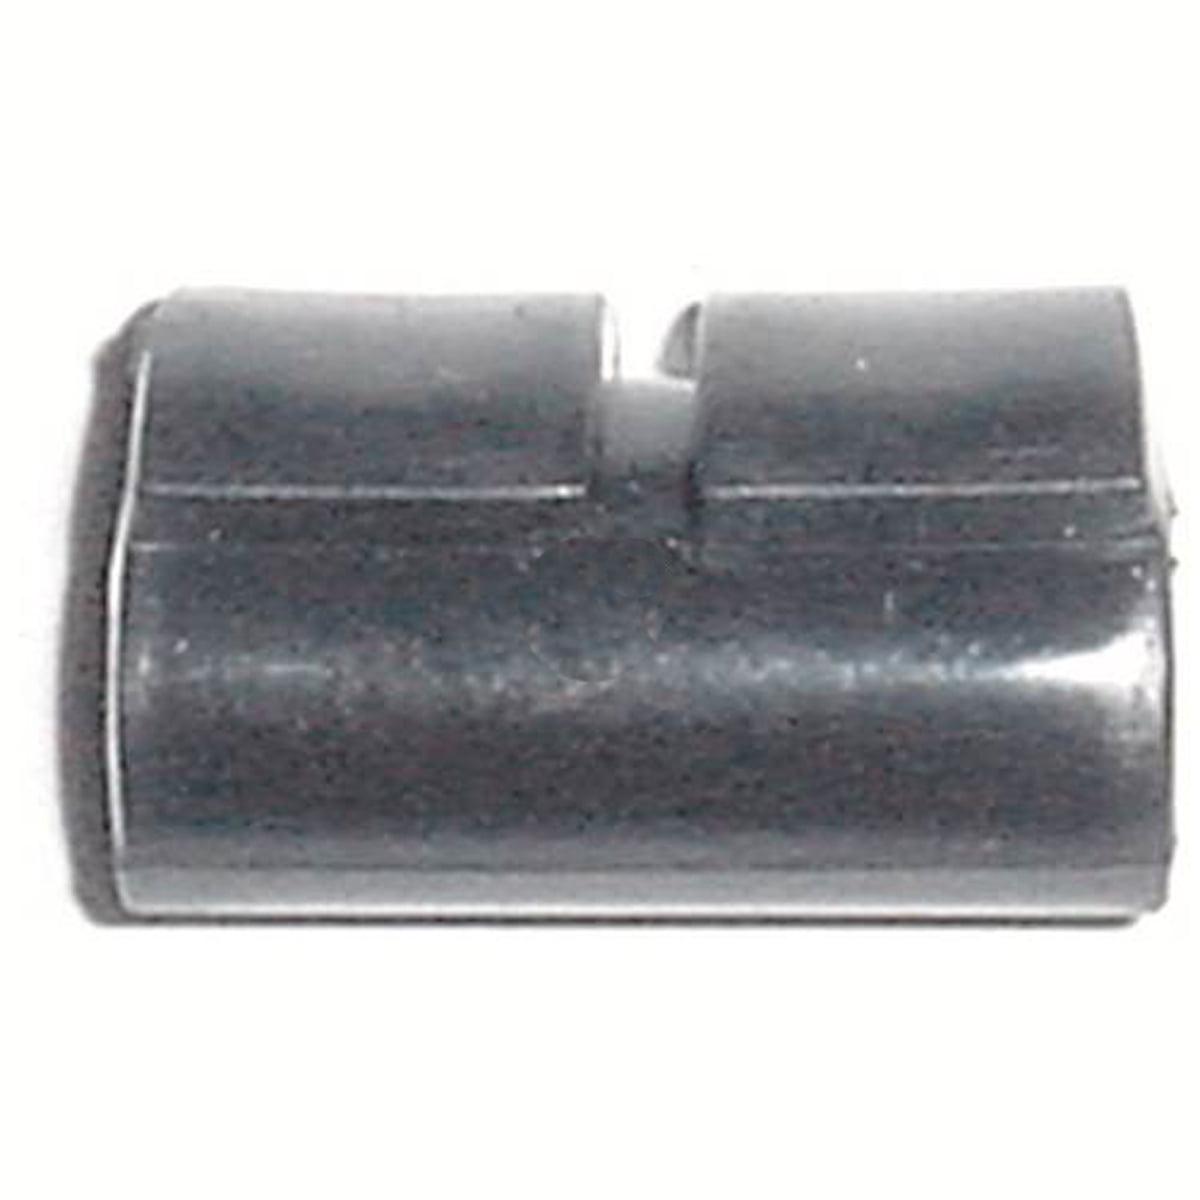 Tippmann Paintball X7 Rear Sight Notch